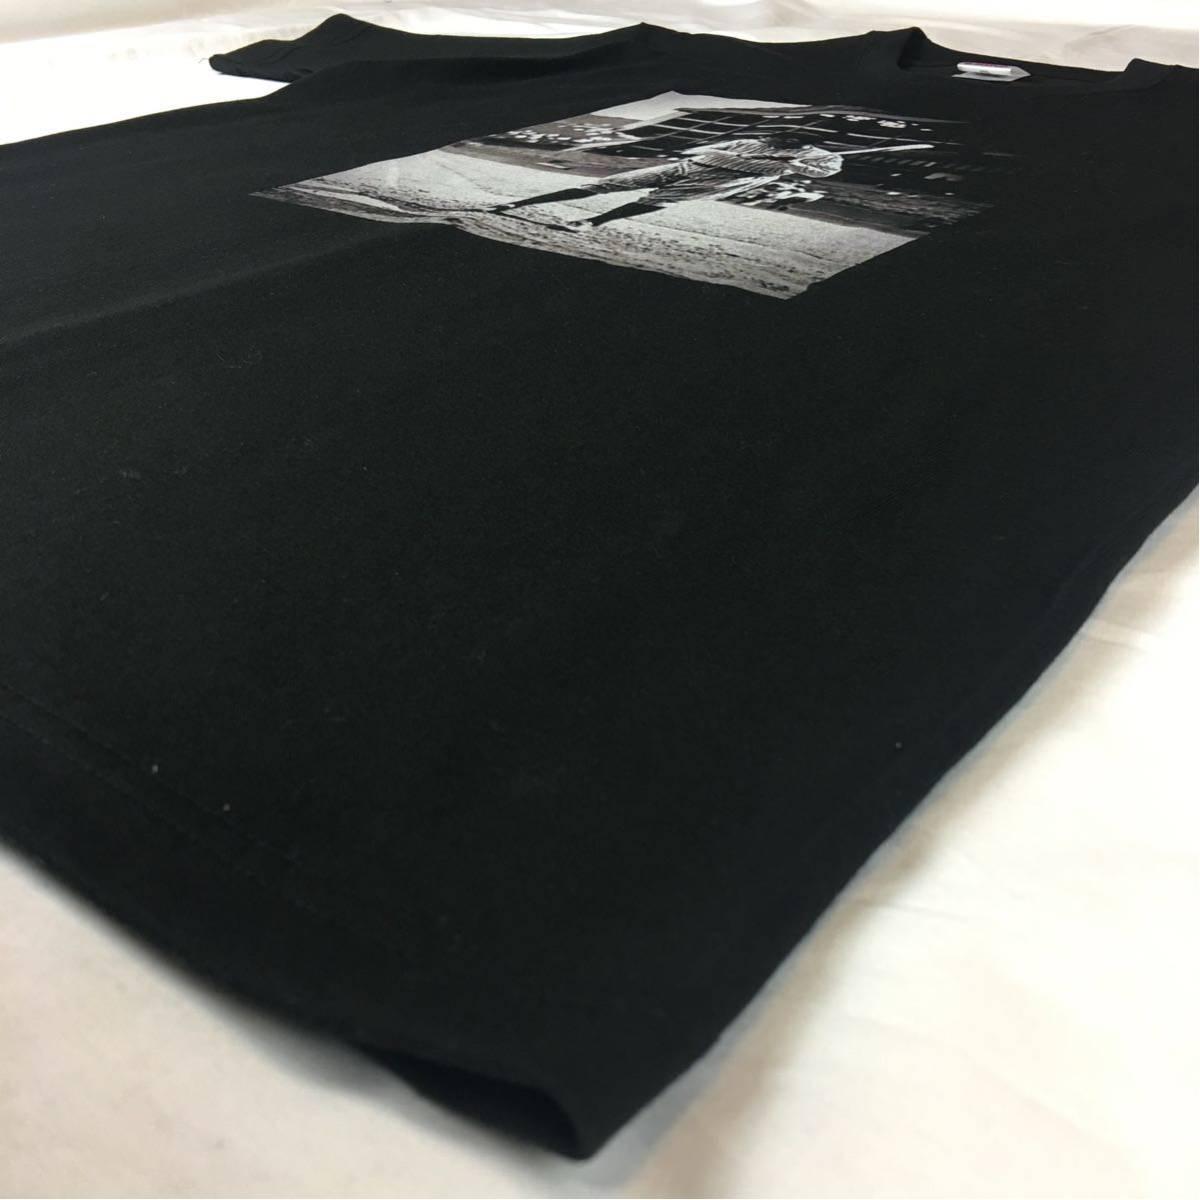 新品 大きい サイズ 専門 XXL~5XL ベーブルース ニューヨーク NY ヤンキース オーバー シルエット ビッグ 黒 Tシャツ ロンT 長袖 対応 OK_画像9